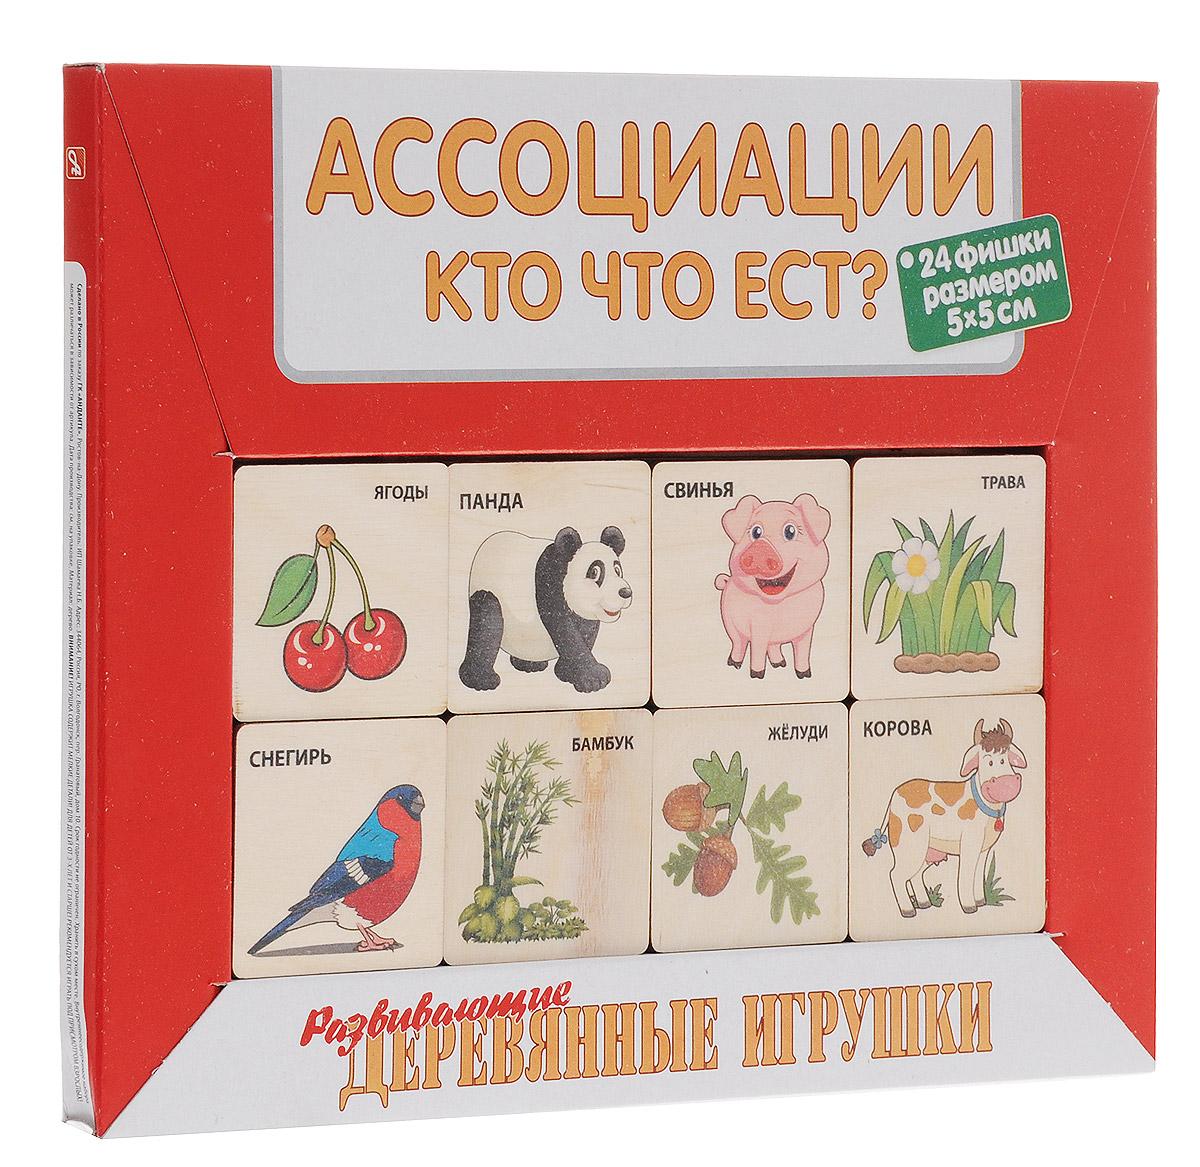 Развивающие деревянные игрушки Обучающая игра Ассоциации: кто что естД451аОбучающая игра Ассоциации: кто что ест?  познакомит ребёнка с окружающим животным миром. Фишки большого размера (5 см х 5 см) прекрасно подойдут даже для самых маленьких игроков. Малышу удобно держать такую фишку. Рисунки на ней - яркие и большие. Играя, ребёнок развивает целый спектр навыков: моторику, логику, воображение, а также изучает окружающий мир. Покажите малышу фишки с изображениями, предложите разделить их на две части: в одну сторону отложить животных и птиц, а в другую - их любимые лакомства. Побеседуйте с ребёнком о каждом животном: его отличительных особенностях, повадках, среде обитания, вкусовых предпочтениях. Помогите ему найти лакомство для каждого животного или птицы. Для детей постарше фишки станут удобным пособием для изучения иностранных языков. С этой игрушкой можно играть не только дома, но и эффективно использовать для занятий в детском саду.